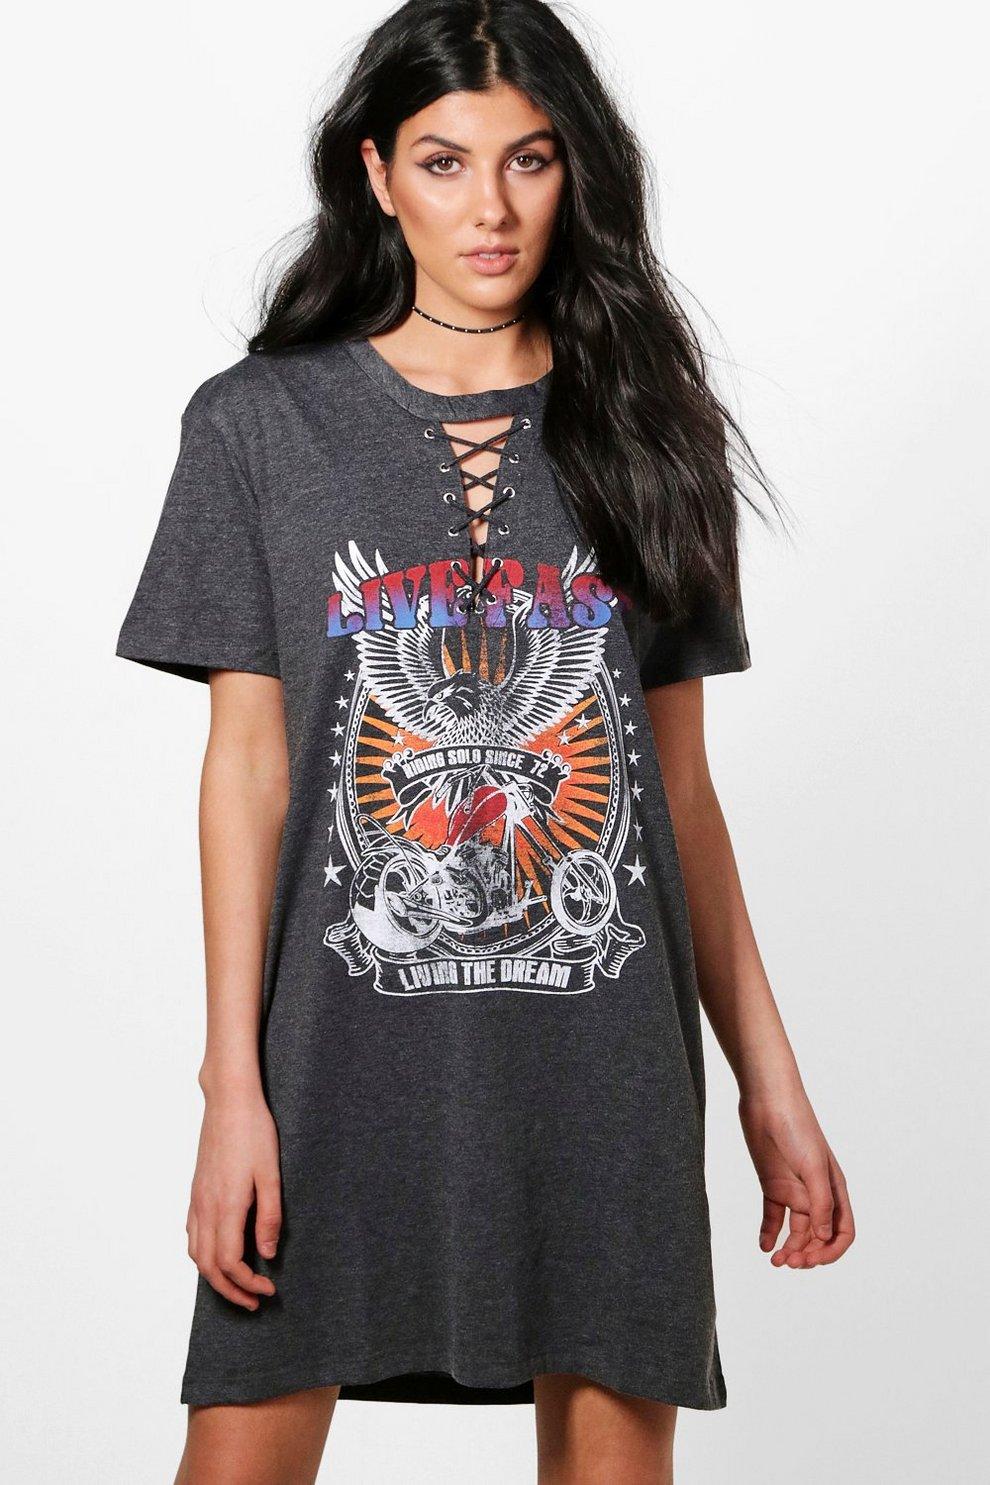 16fb767a5ff4 Freya Lace Up Choker Band T-Shirt Dress